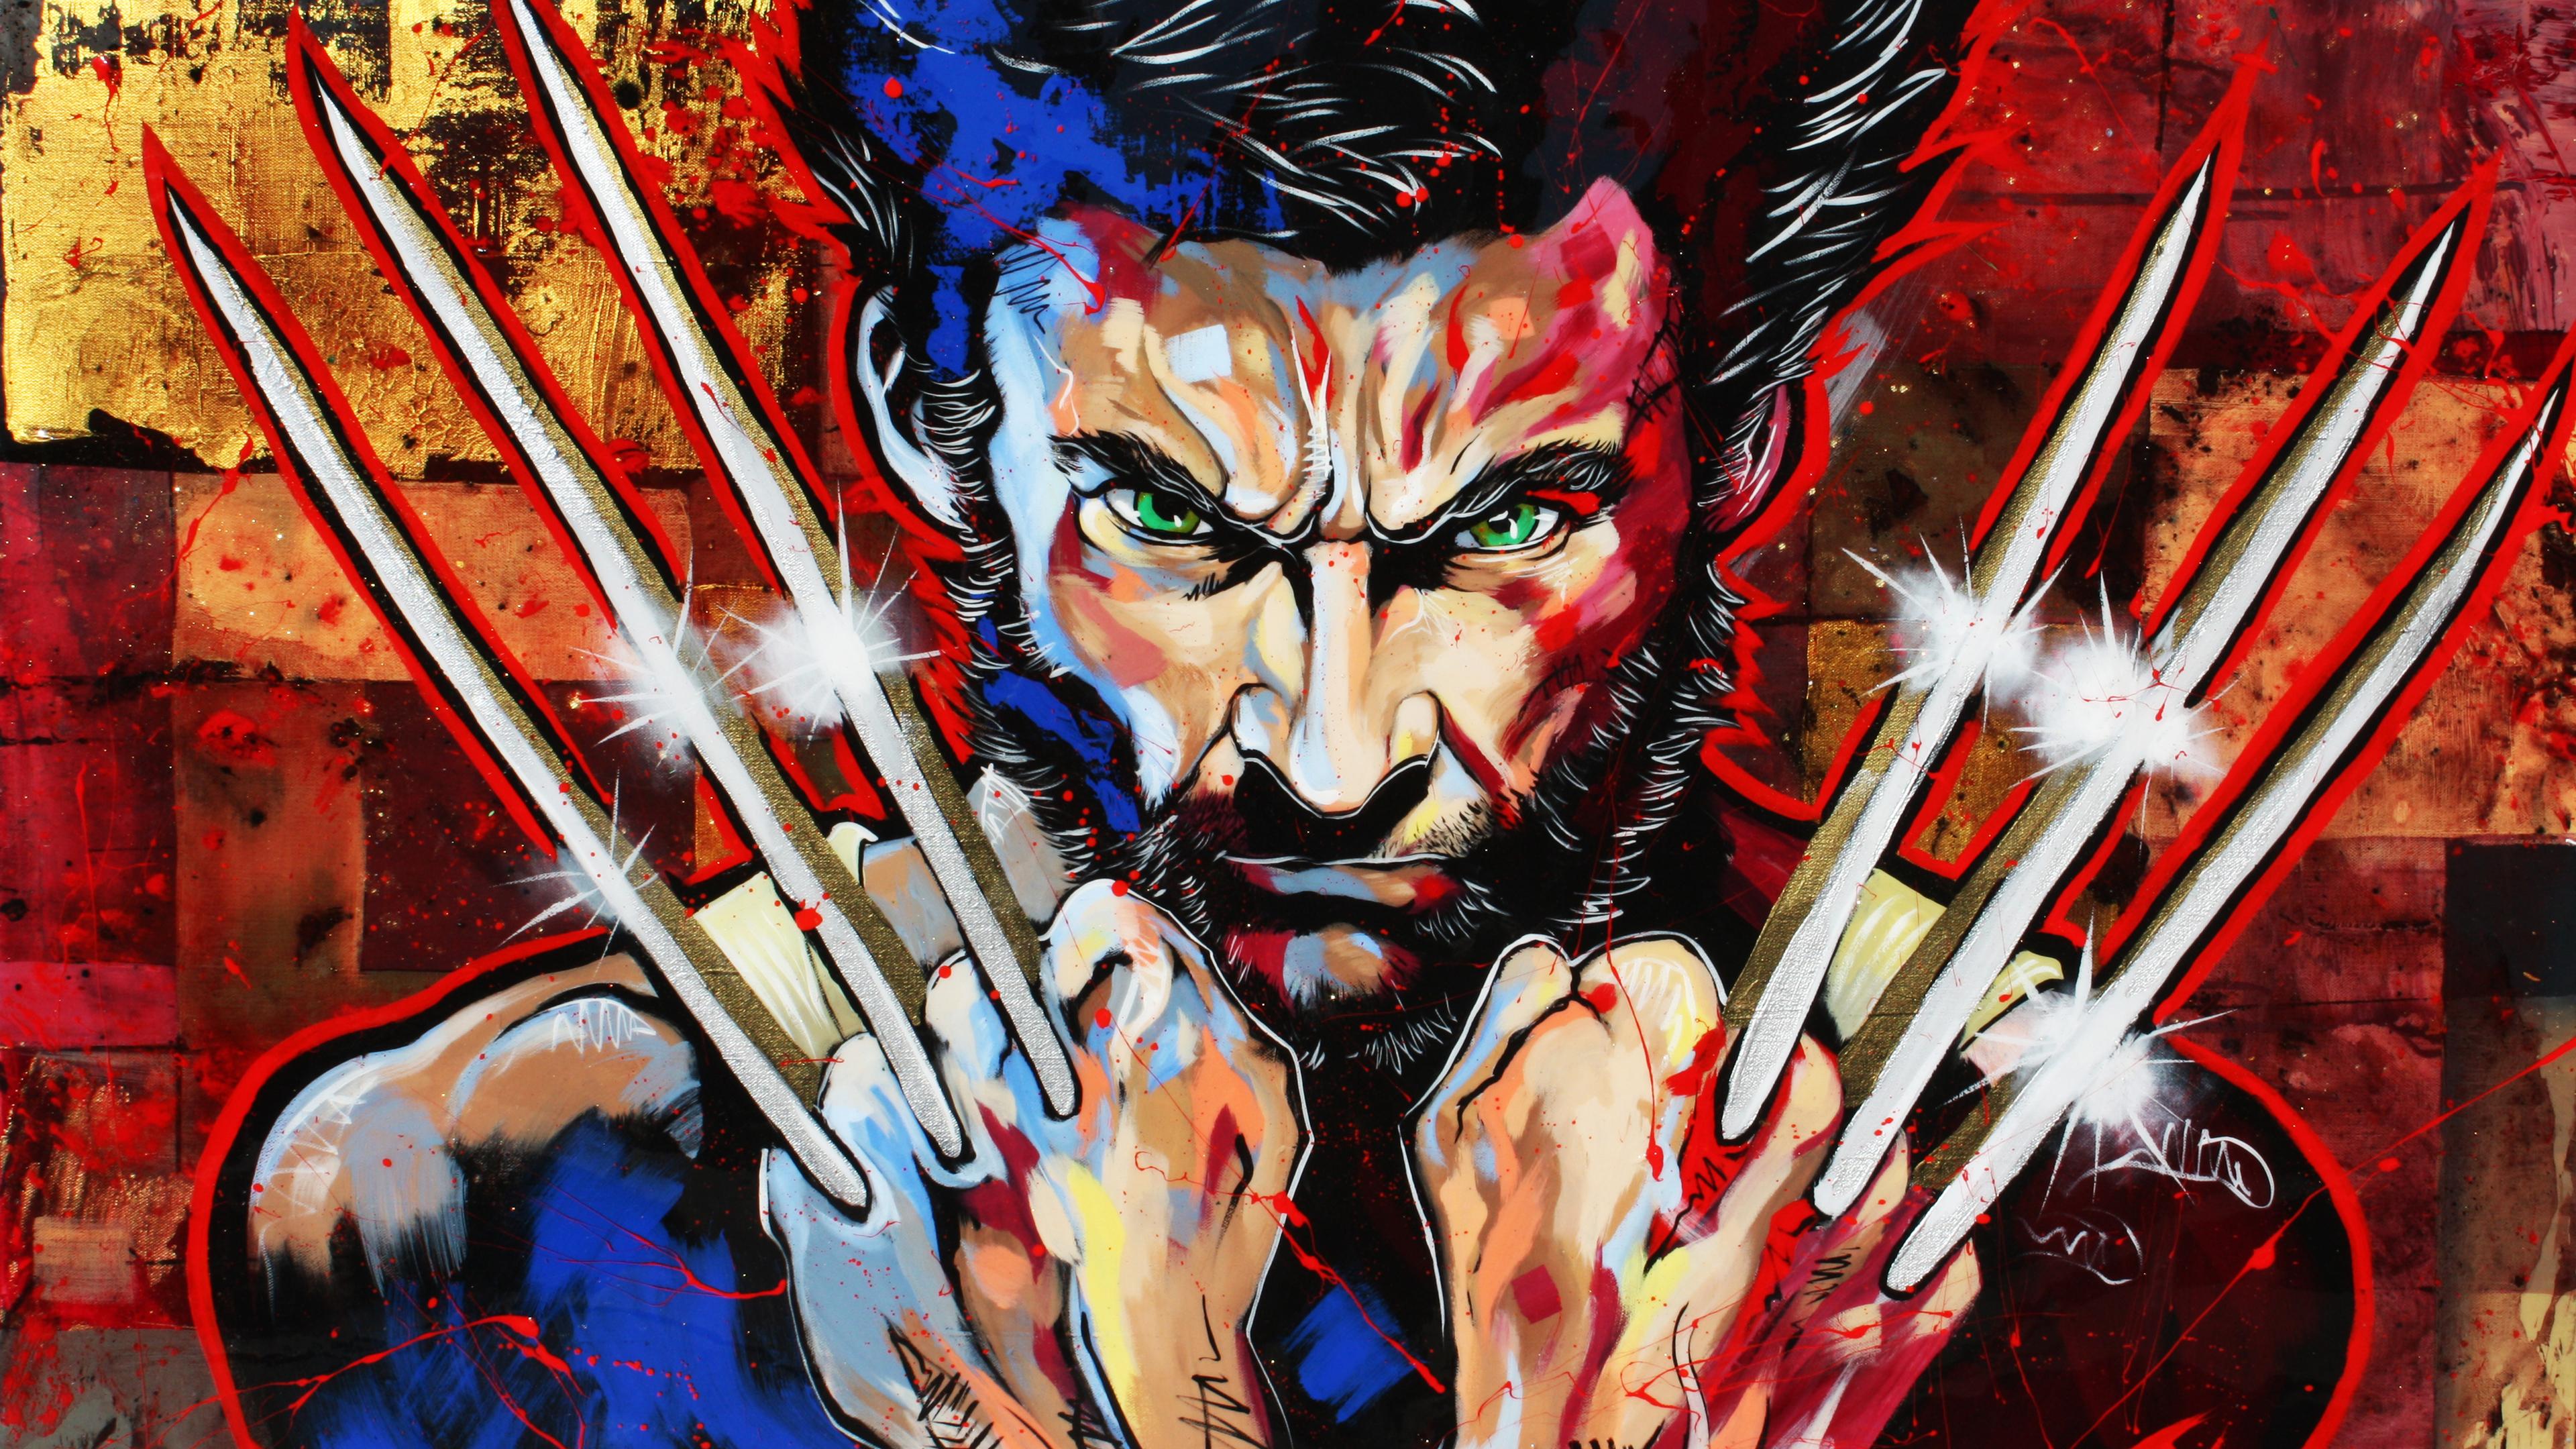 wolverine 8k oy 3840x2160 - Wolverine 4k New Artwork - wolverine wallpapers 4k, wolverine bacground 4k, wolverine art 4k